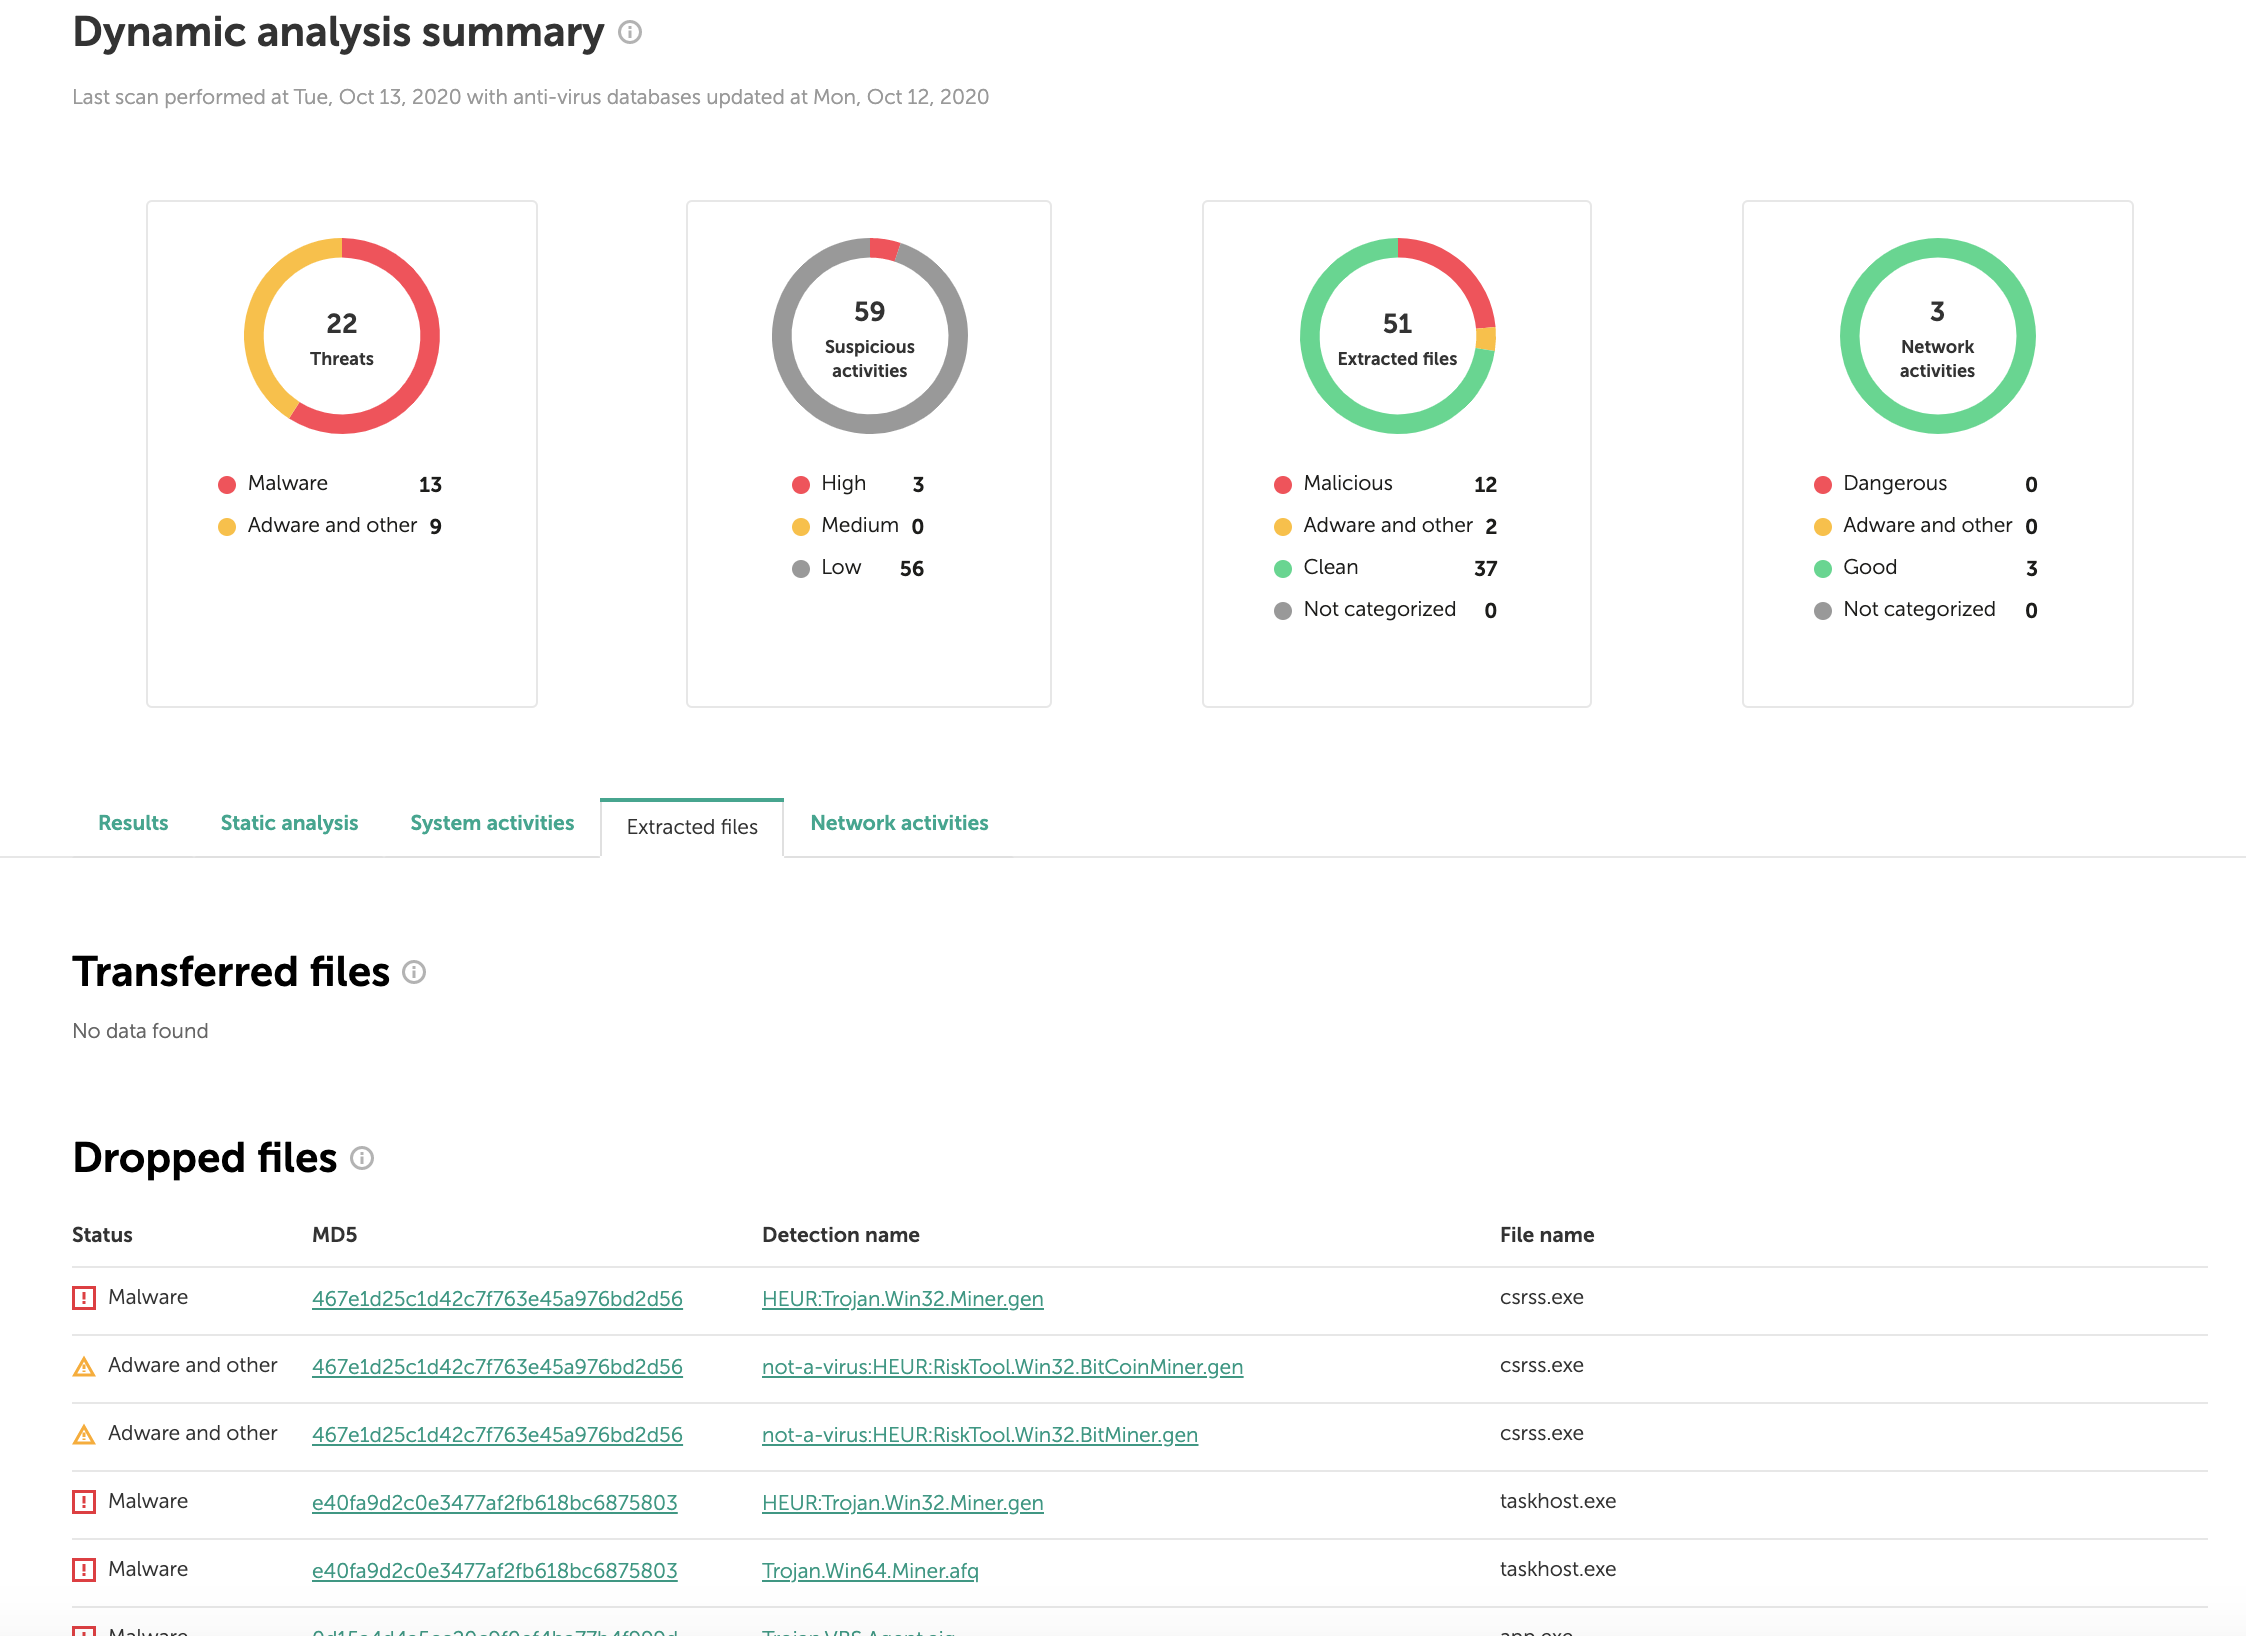 OpenTIP Kaspersky: Resumo da análise dinâmica